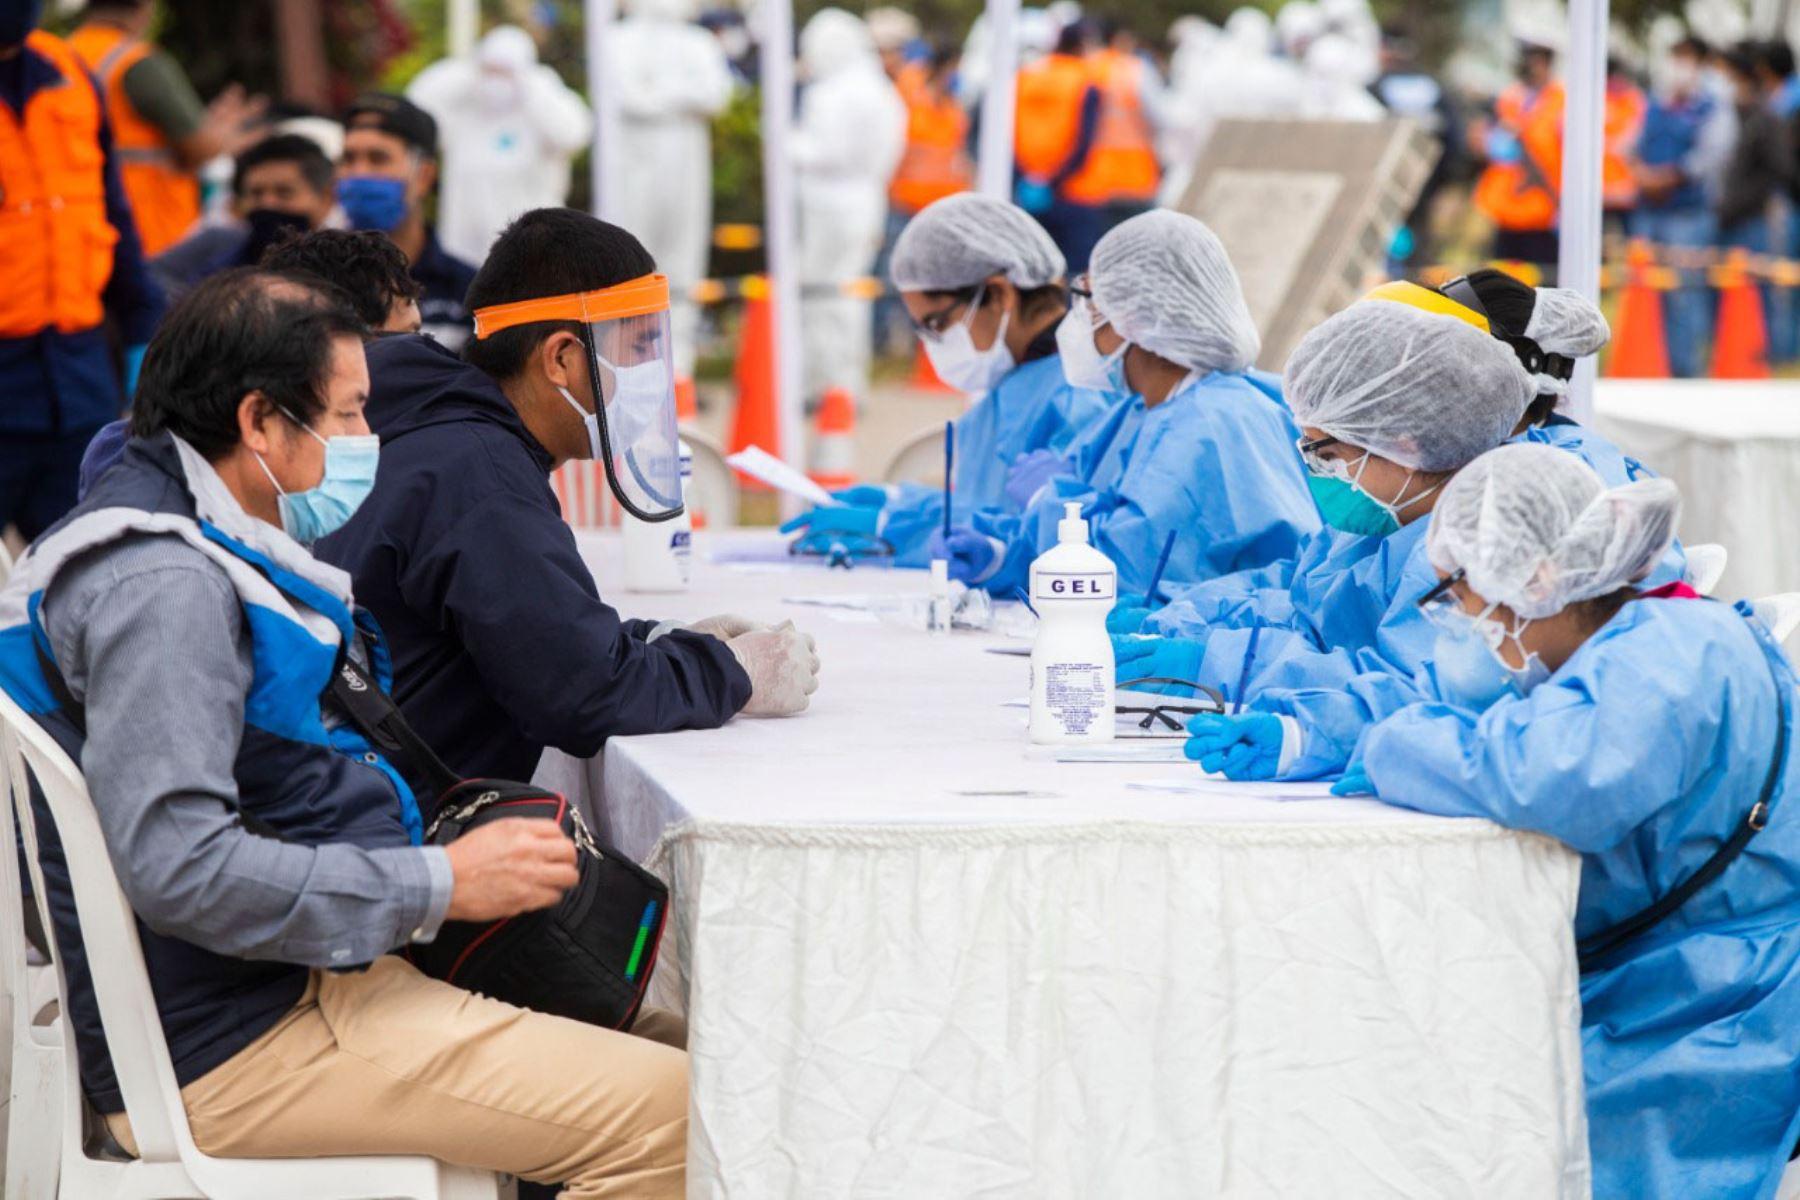 La Dirección Regional de Salud del Callao ha previsto tomar 2,000 pruebas rápidas a transportistas de carga del Callao. Foto: ANDINA/Difusión